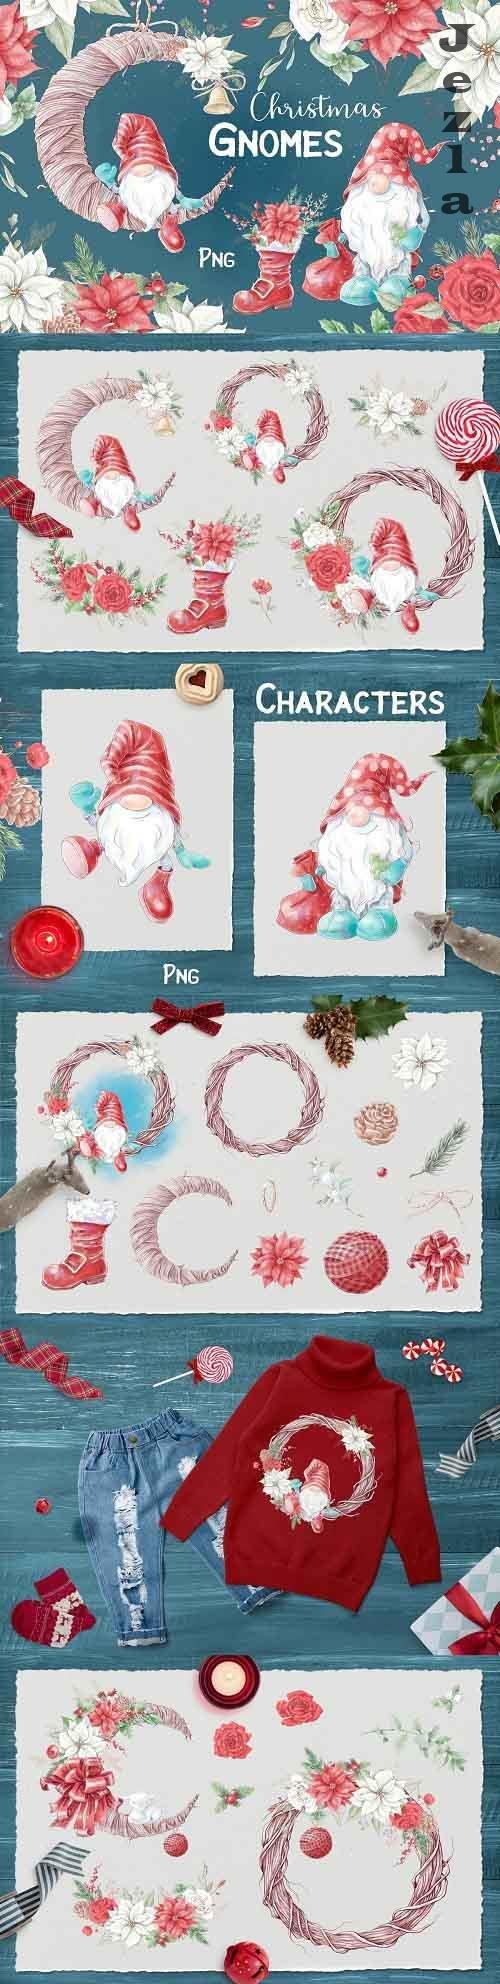 Christmas gnomes - 5494141